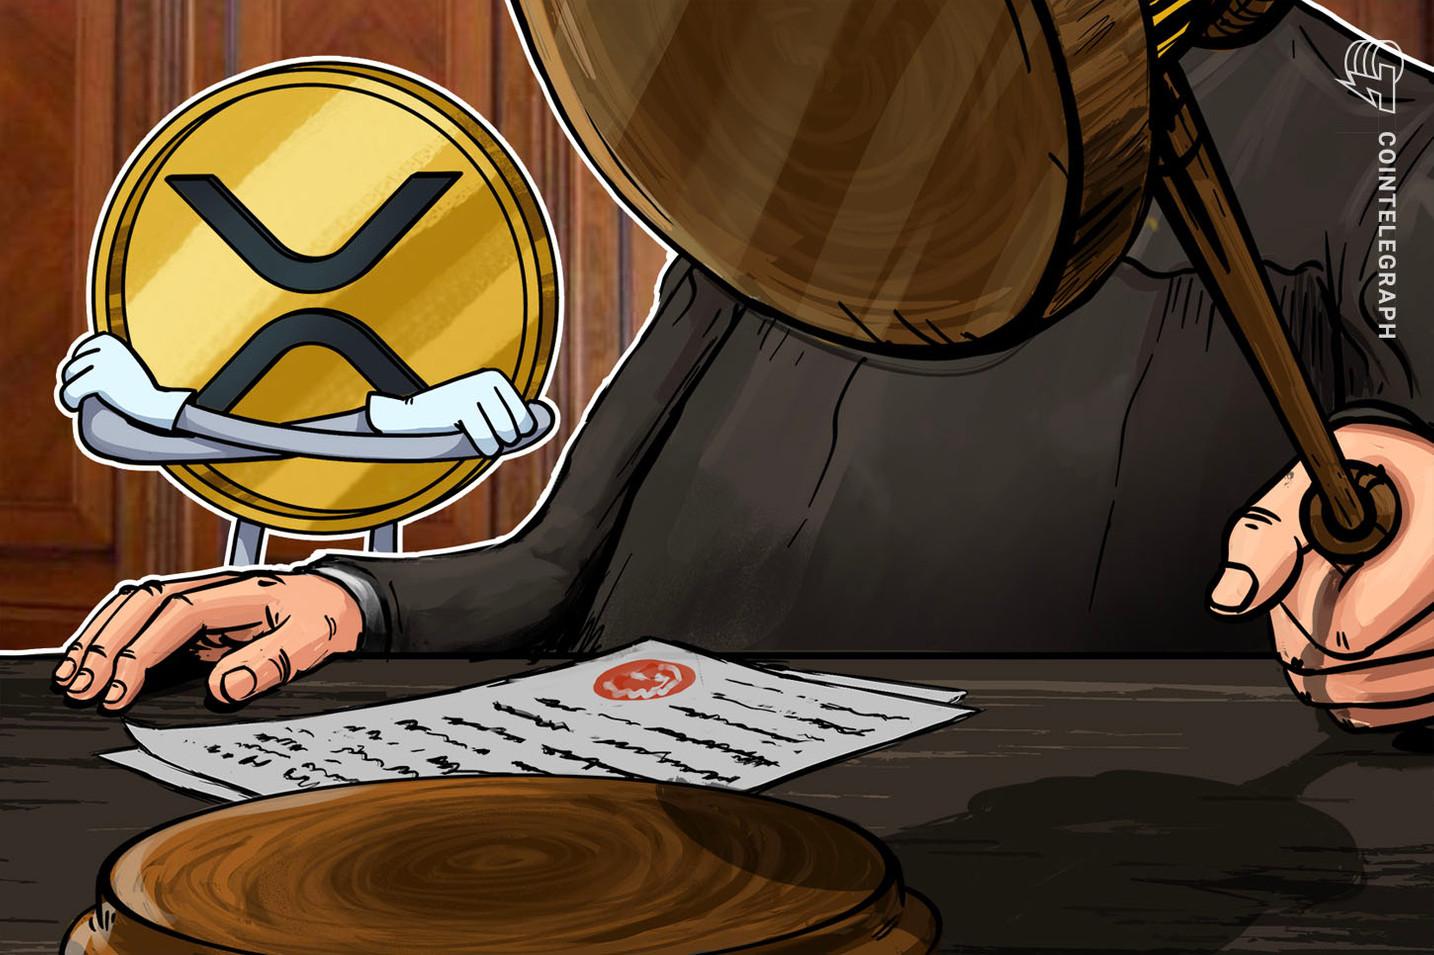 La decisión del Tribunal sobre Ripple puede ampliar el potencial de acción legal contra las criptomonedas